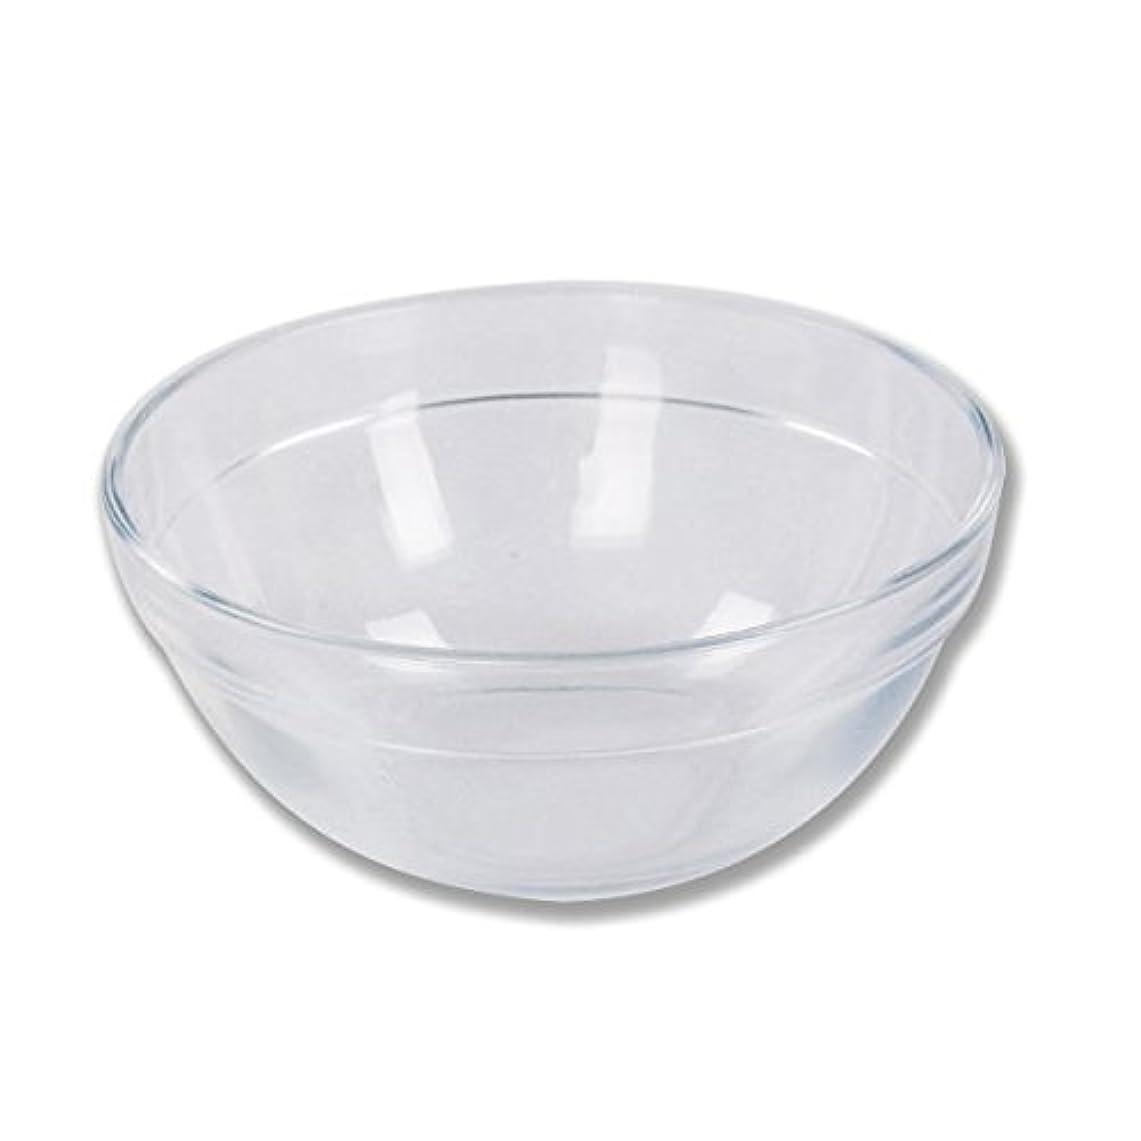 誓うベリ算術ガラスボウル (XLサイズ) [ ガラスボール カップボウル カップボール エステ サロン ガラス ボウル カップ 高級感 ]